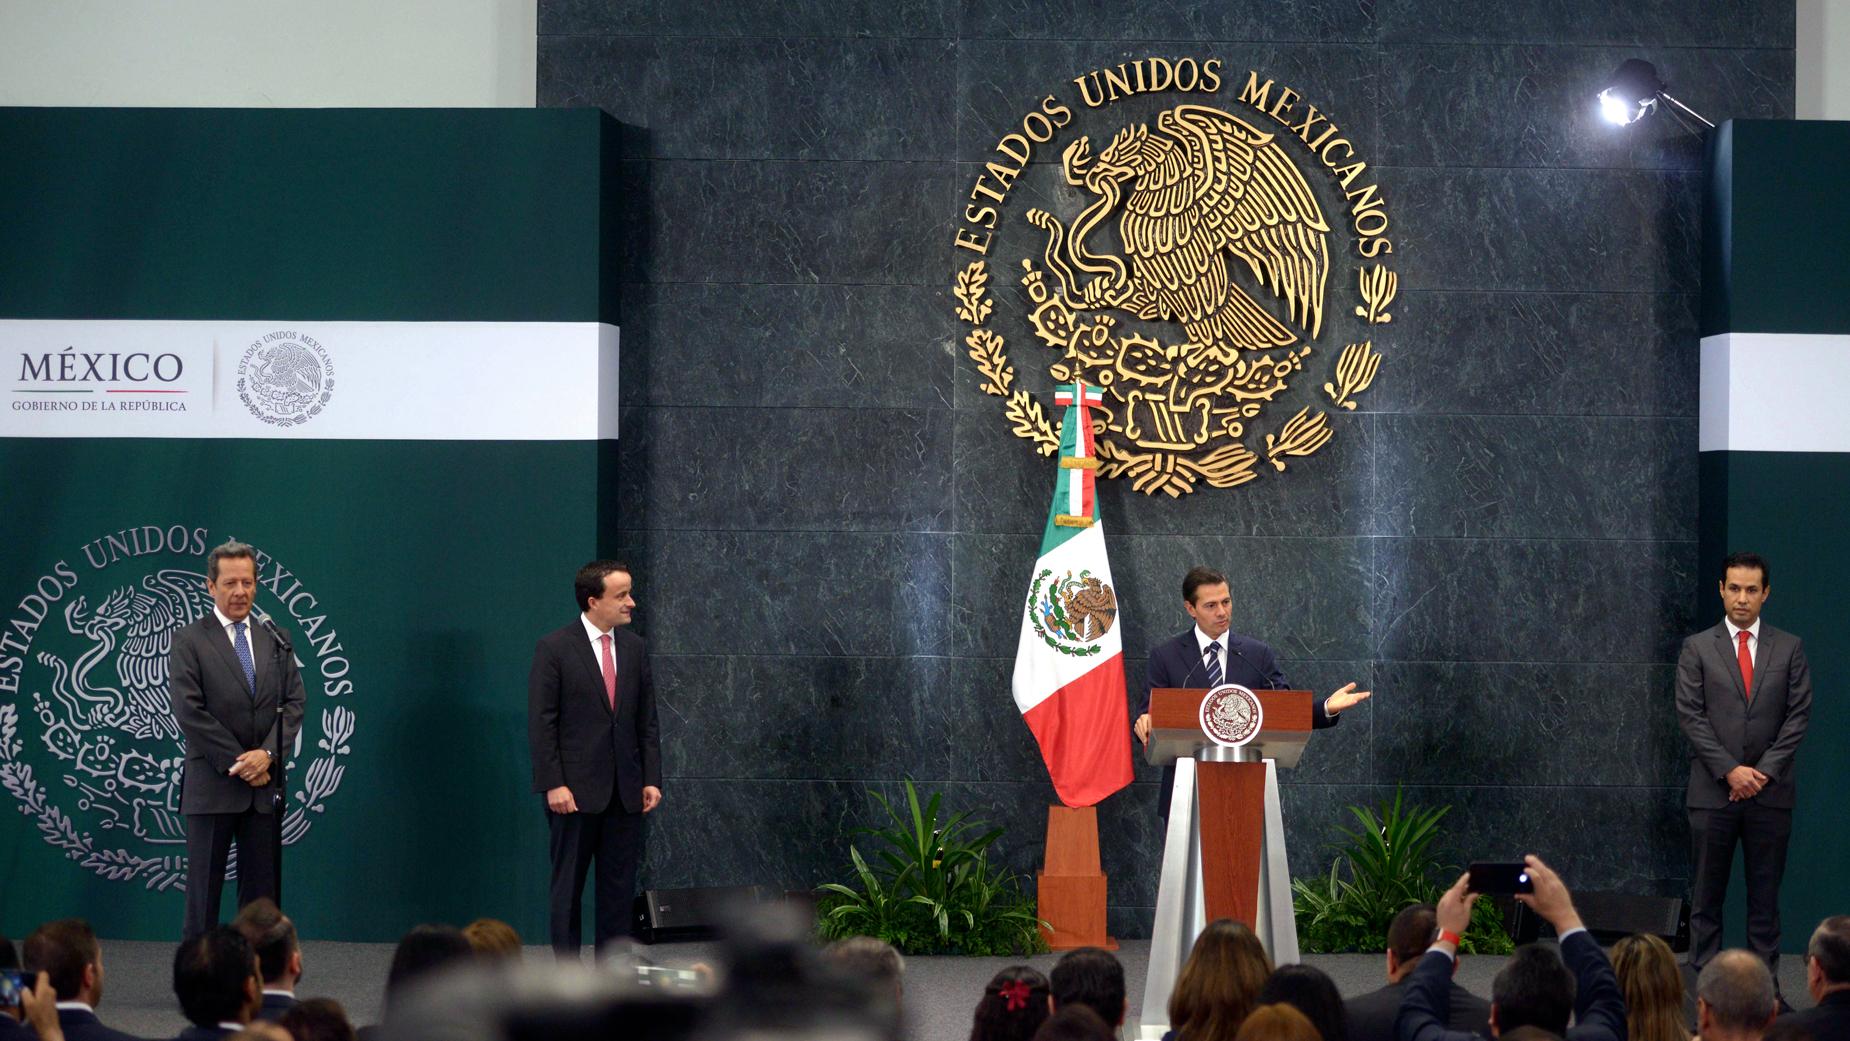 """El Primer Mandatario dijo de Mikel Arreola """"se trata de un destacado servidor público, que sirvió al Gobierno de la República y a México con talento, dedicación y profesionalismo y, estoy seguro, y deseo, que así siga siendo hacia futuro""""."""